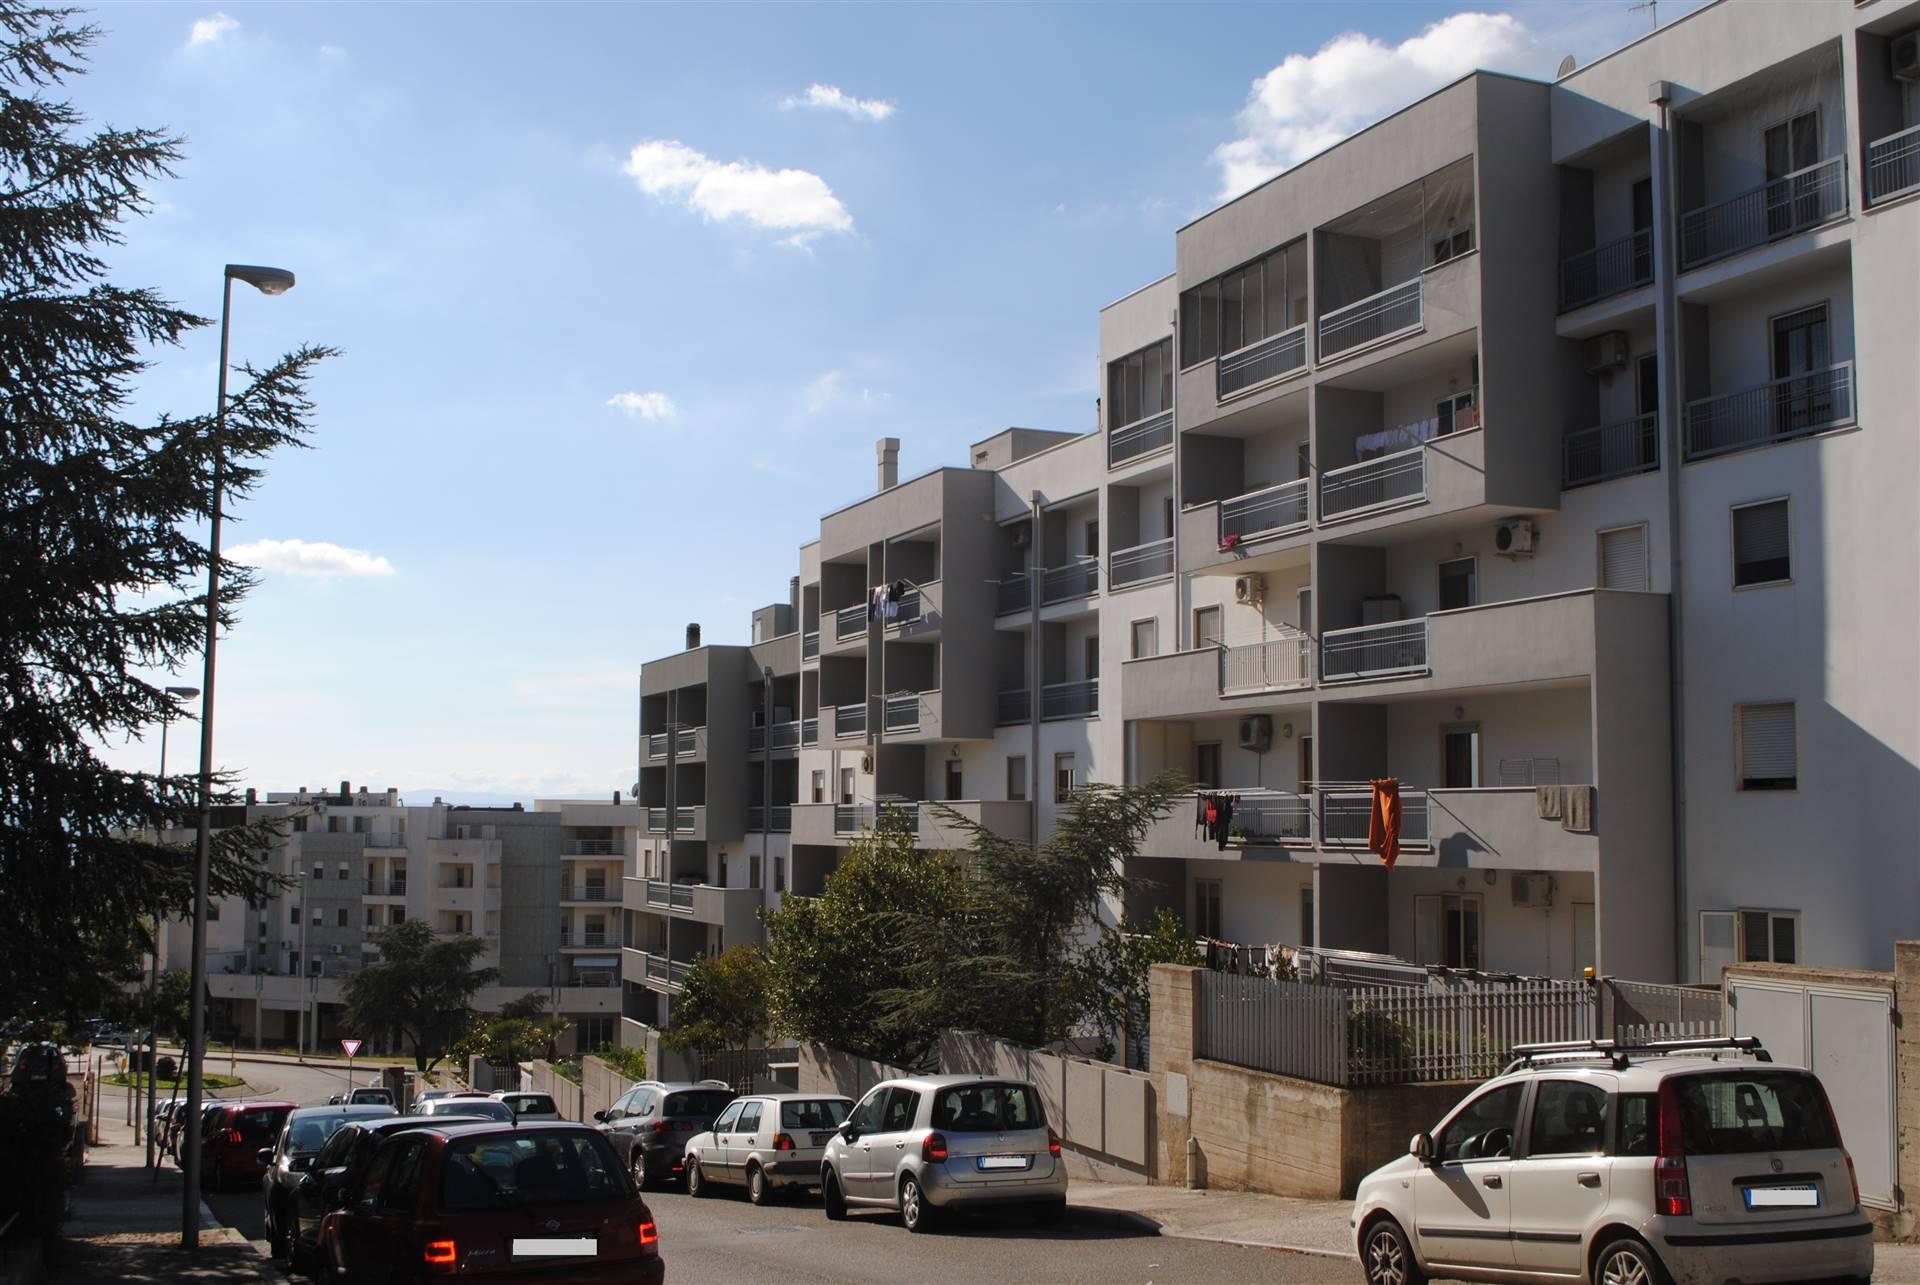 Appartamento in vendita a Matera, 4 locali, zona Zona: Periferia Nord, prezzo € 220.000 | CambioCasa.it